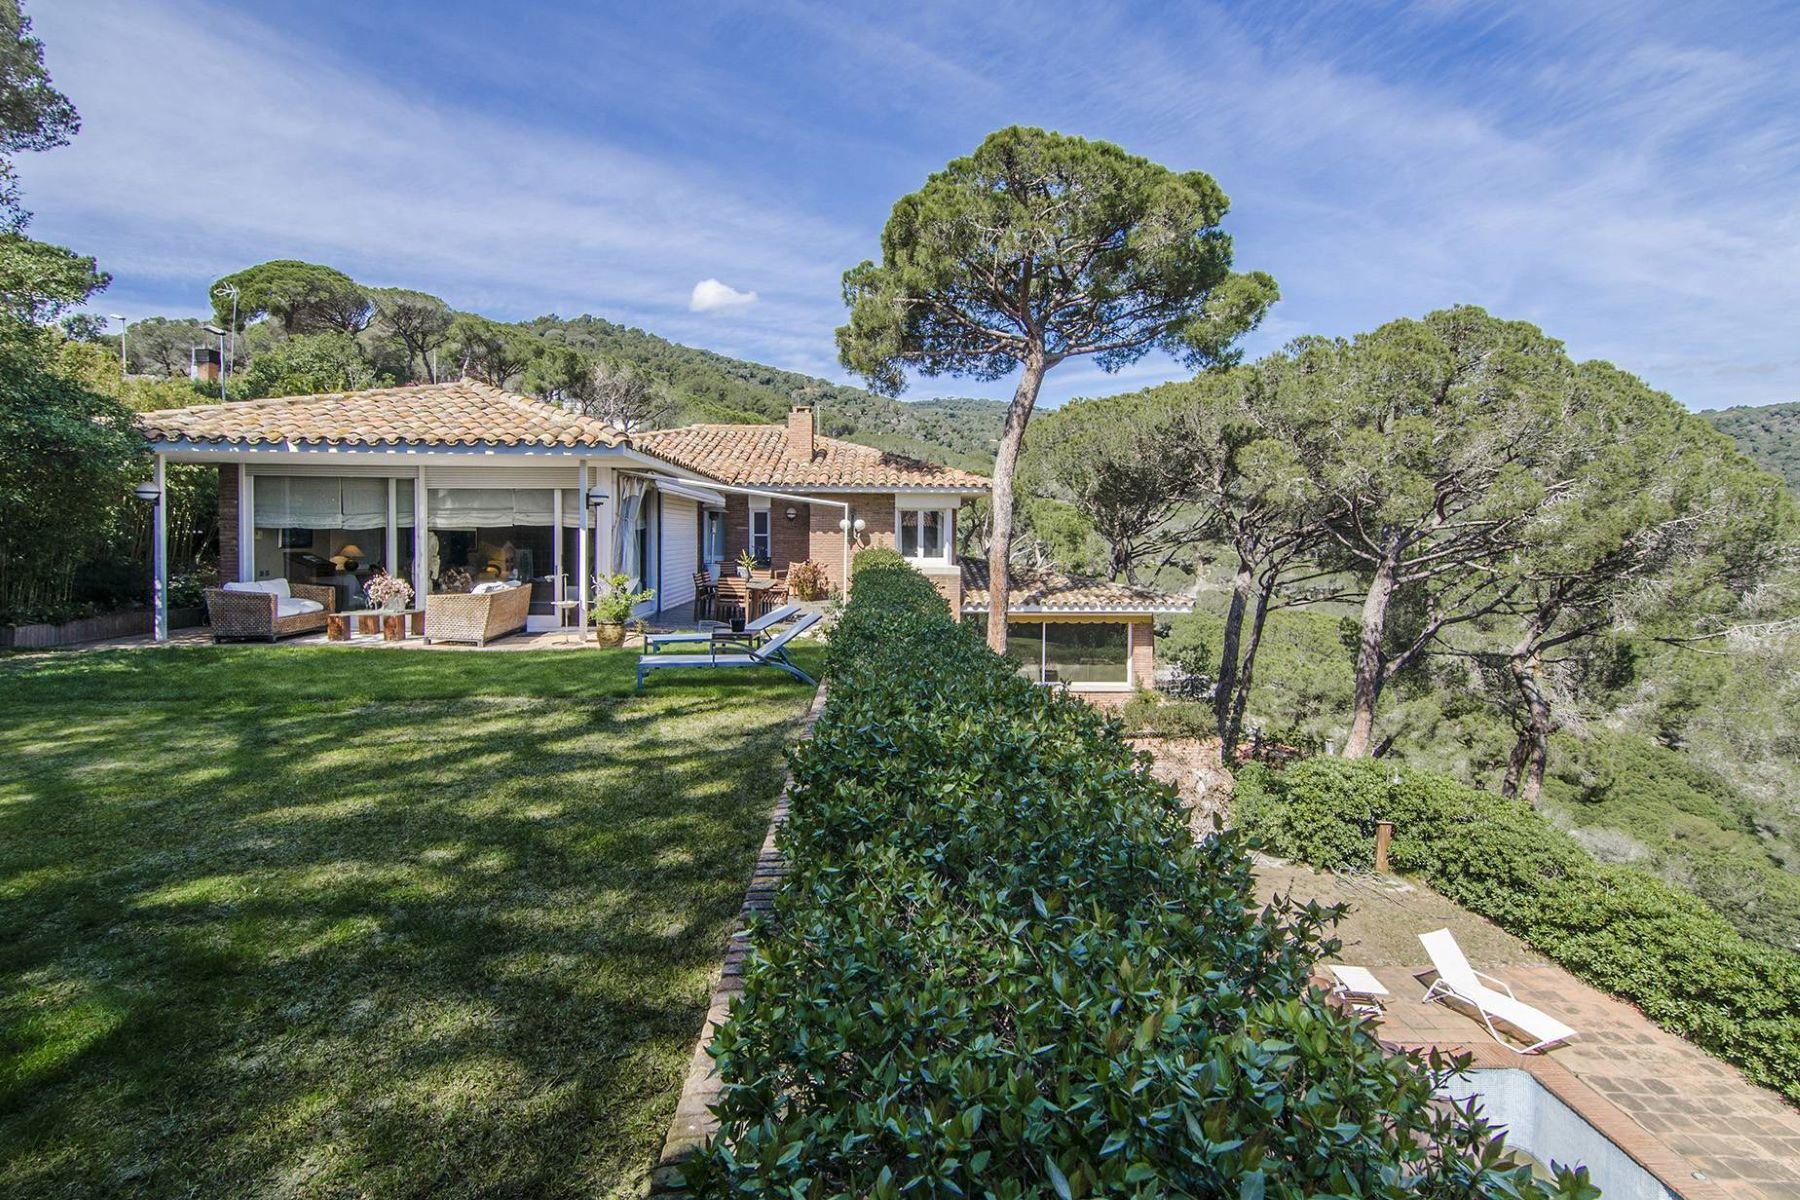 Casa Unifamiliar por un Venta en Tranquility and Sea Views in the Coastal Sierra Vilassar De Mar, Barcelona, 08340 España